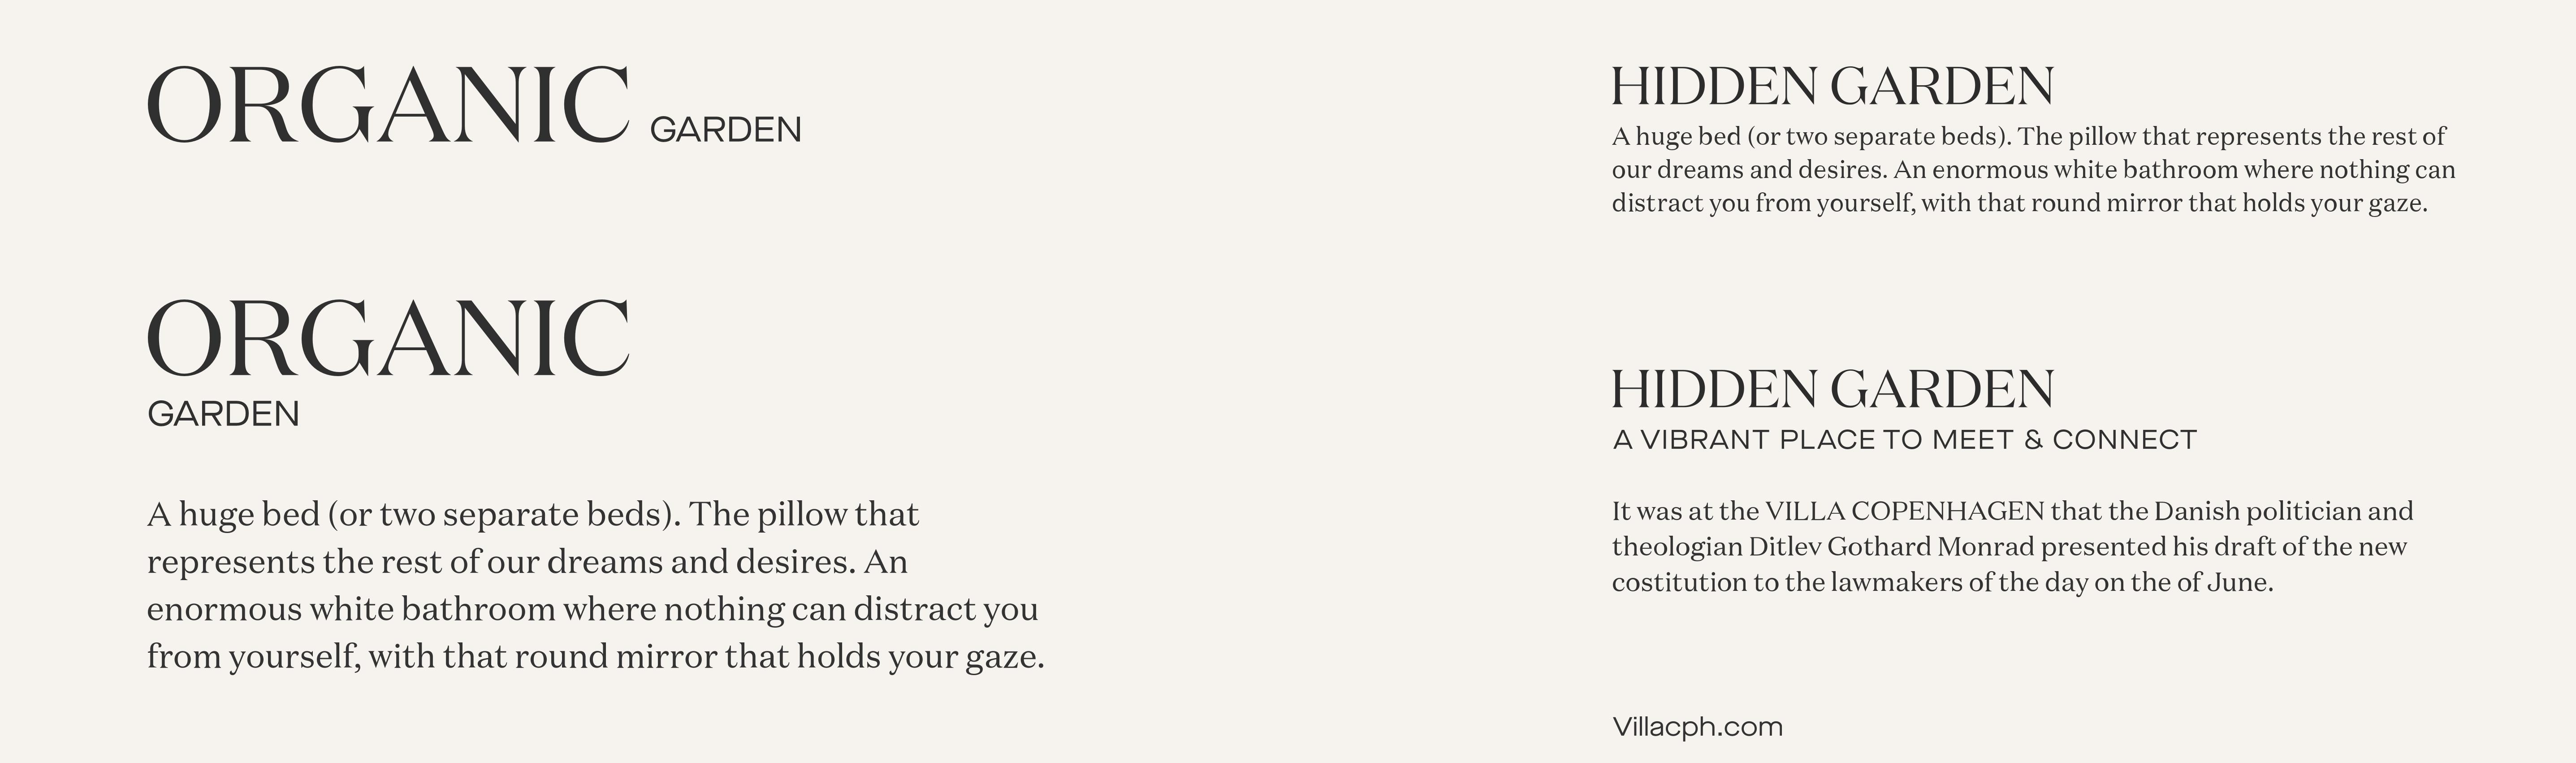 typo-hierarchy-copy-6